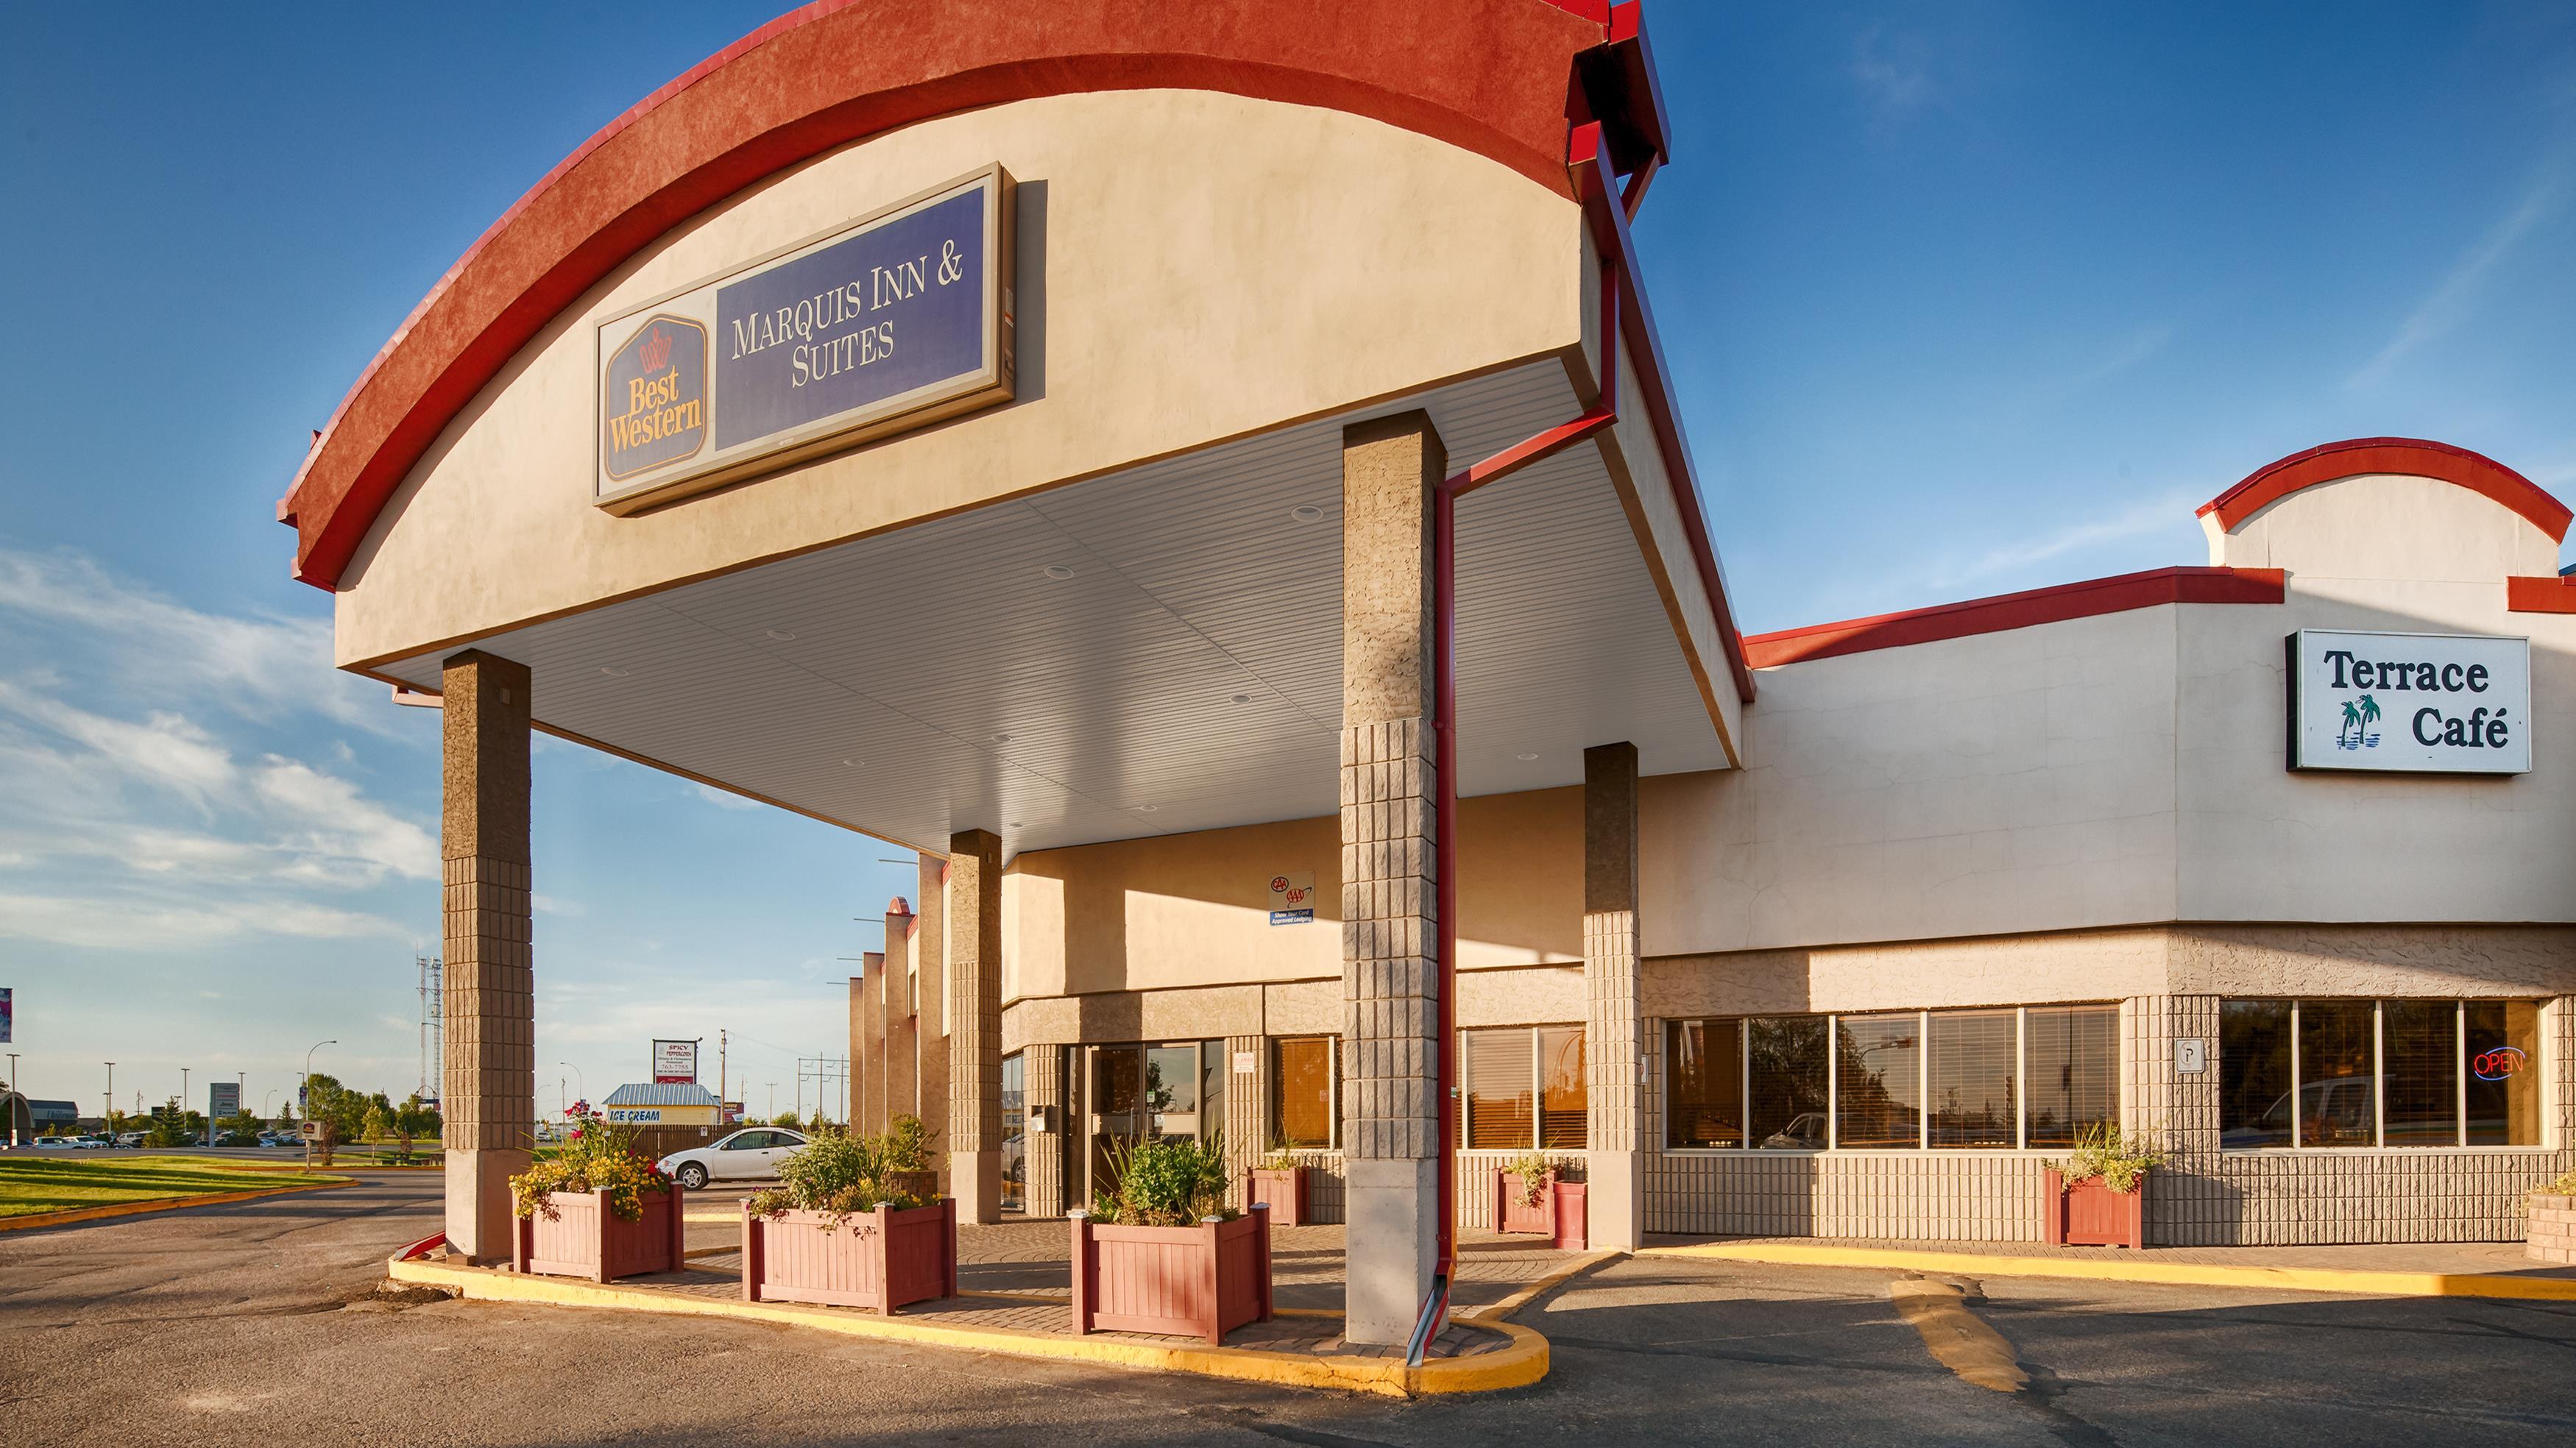 Best Western Marquis Inn & Suites in Prince Albert: Hotel Exterior